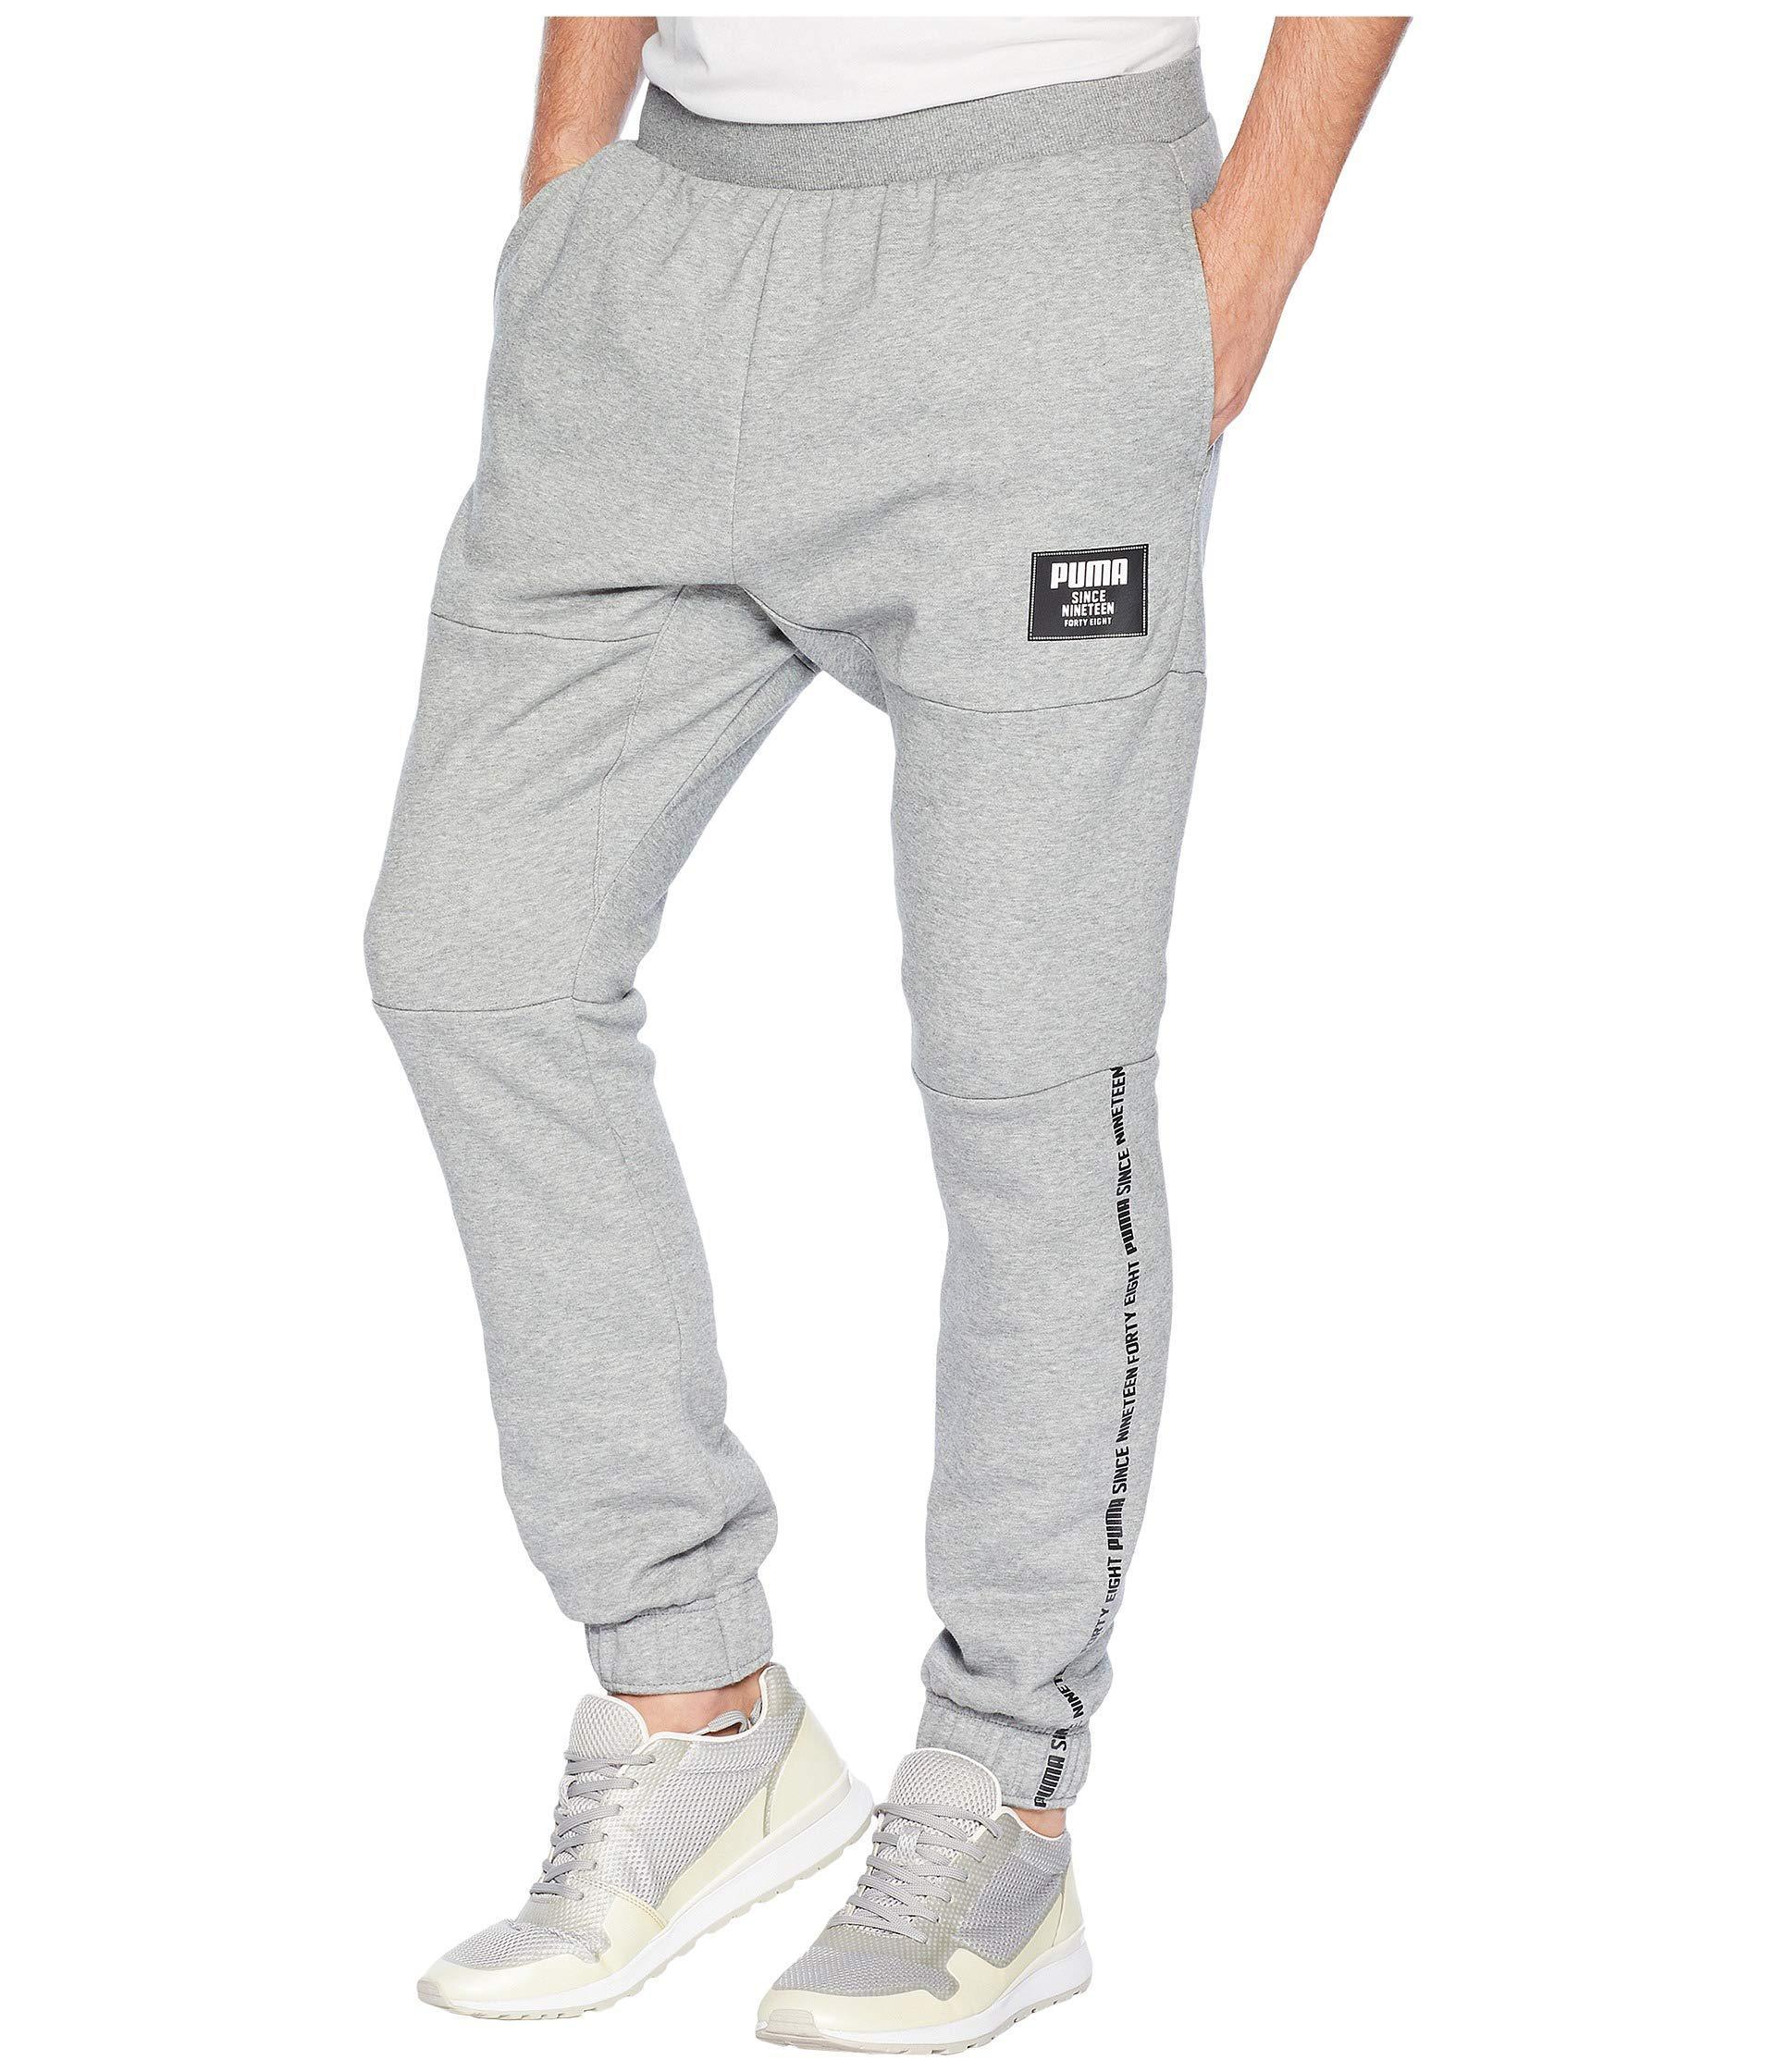 20037148c9b7 Lyst - PUMA Rebel Block Pants Fleece Cl in Gray for Men